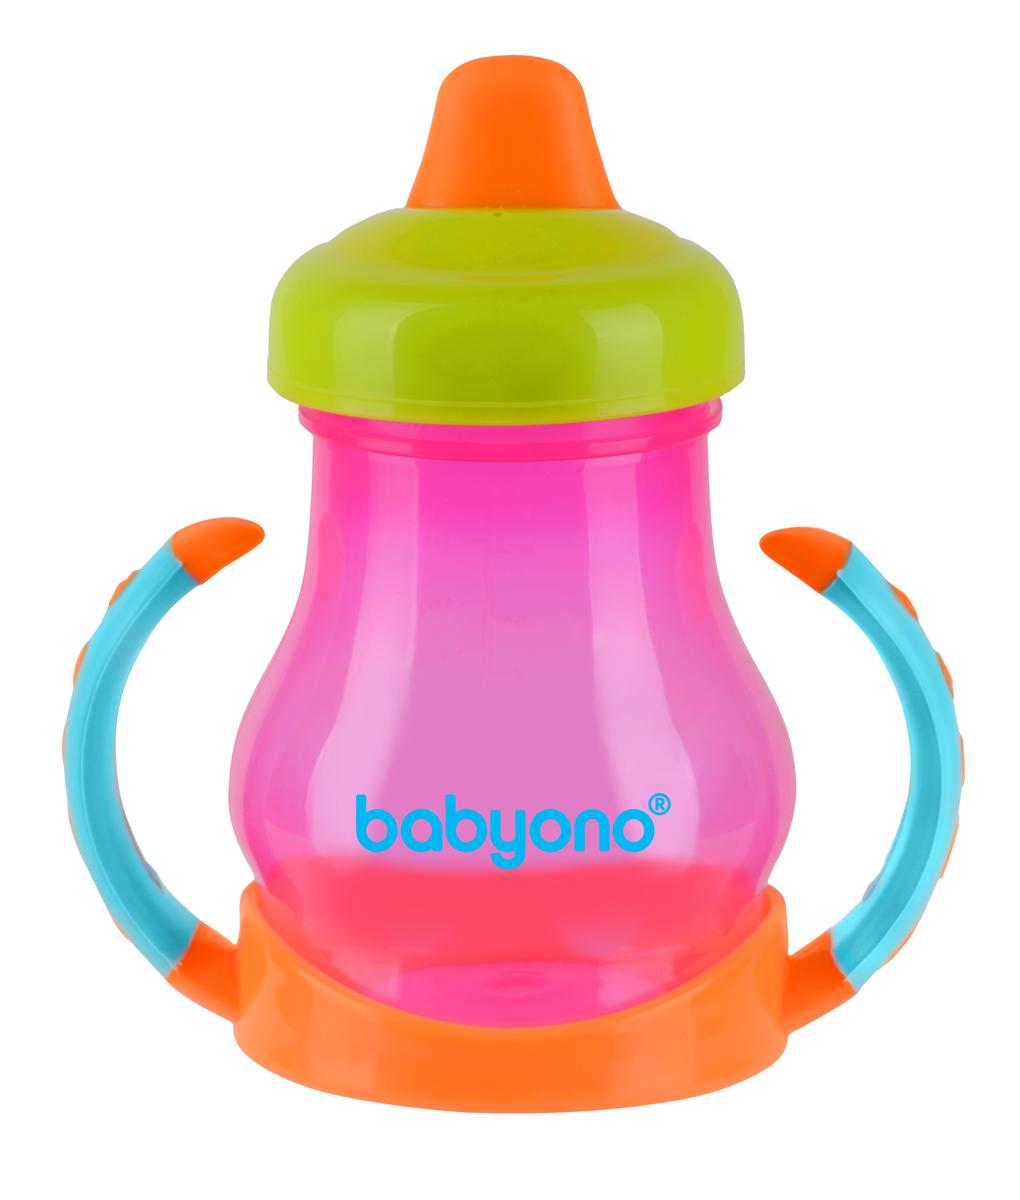 BabyOno Поильник-непроливайка от 6 месяцев цвет салатовый бирюзовый фуксия 180 мл